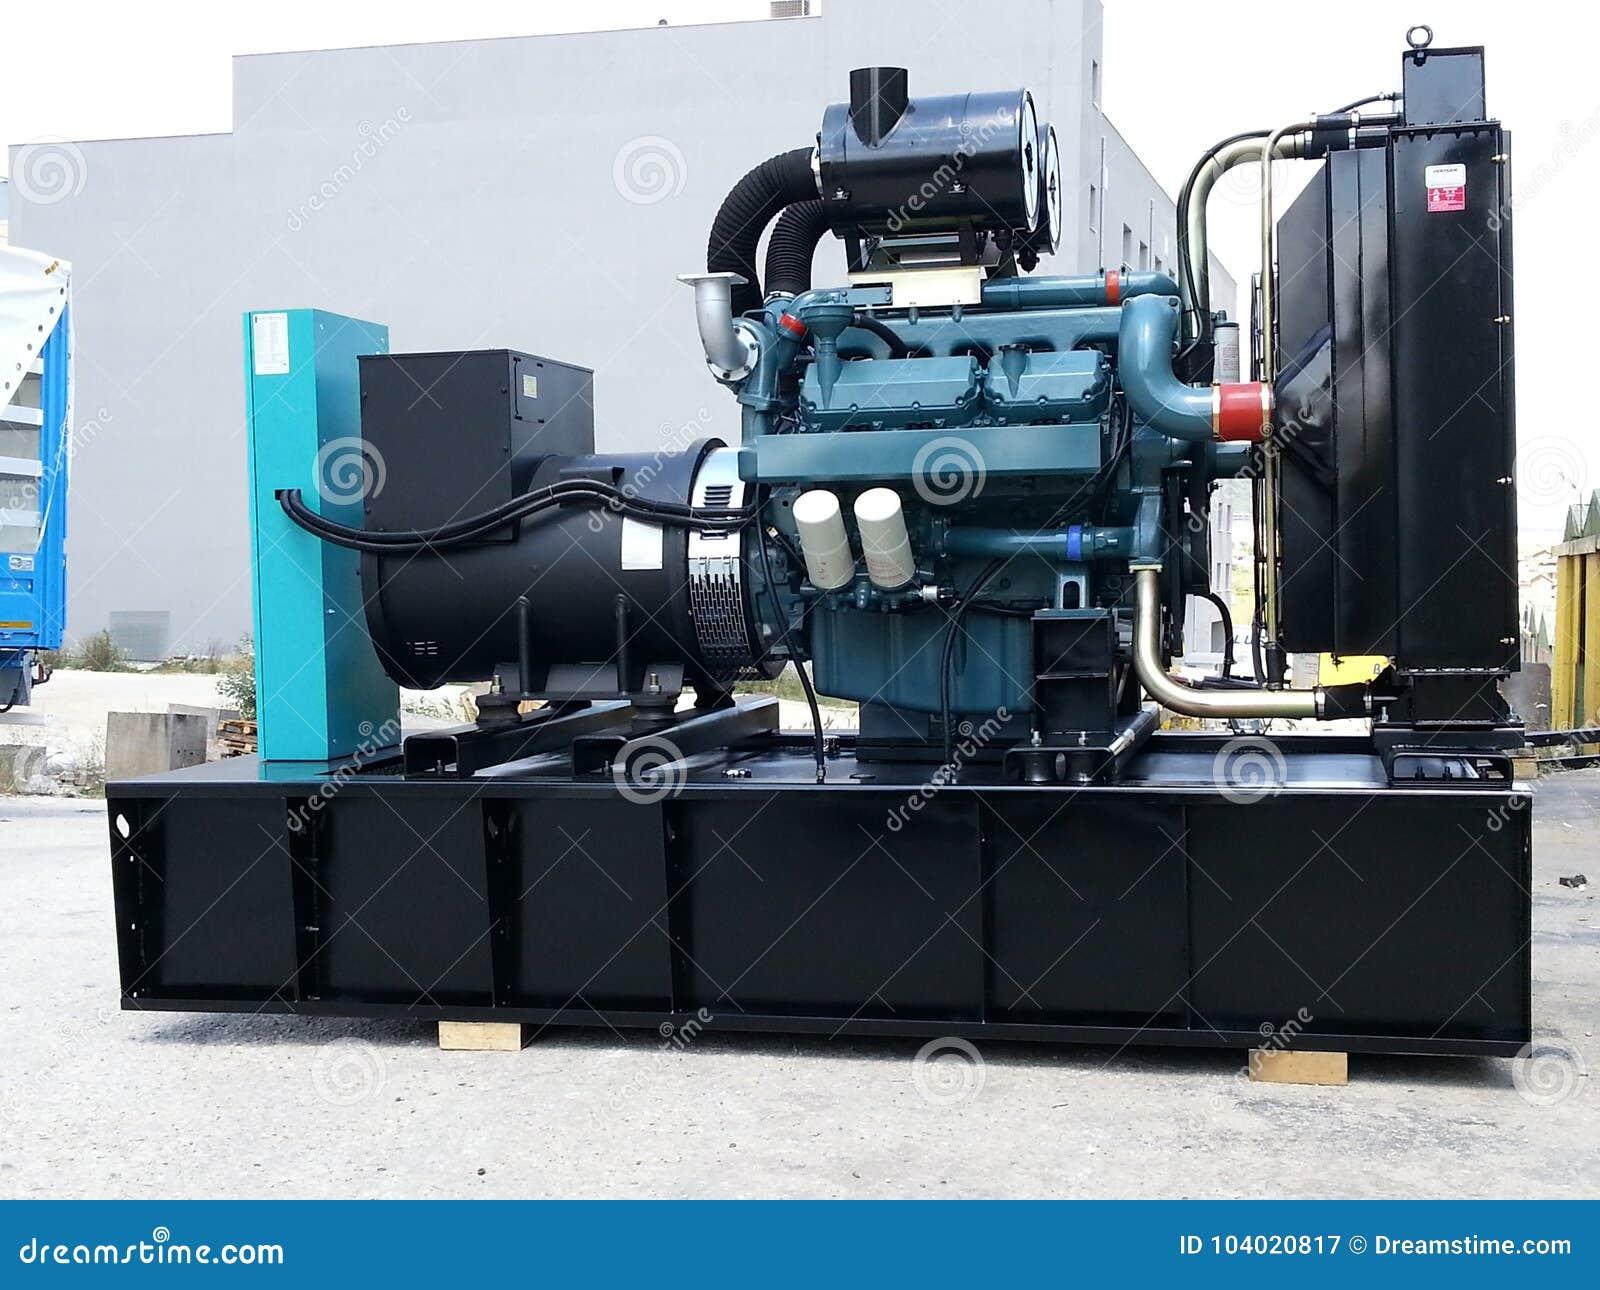 Dieselaggregat mit Doosan-Maschine